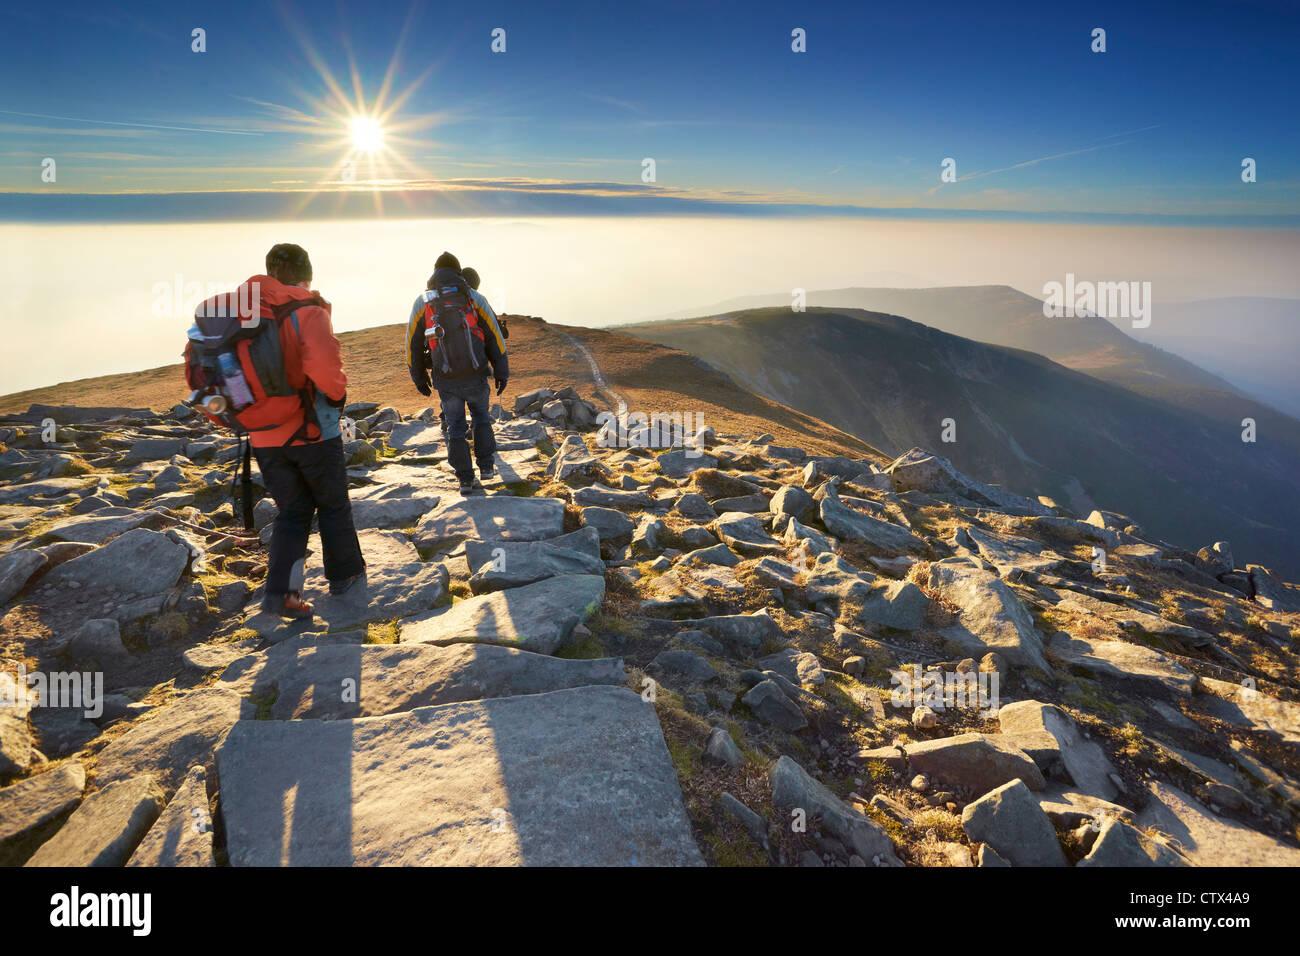 Babia Gora National Park, de Polonia, de Europa Imagen De Stock